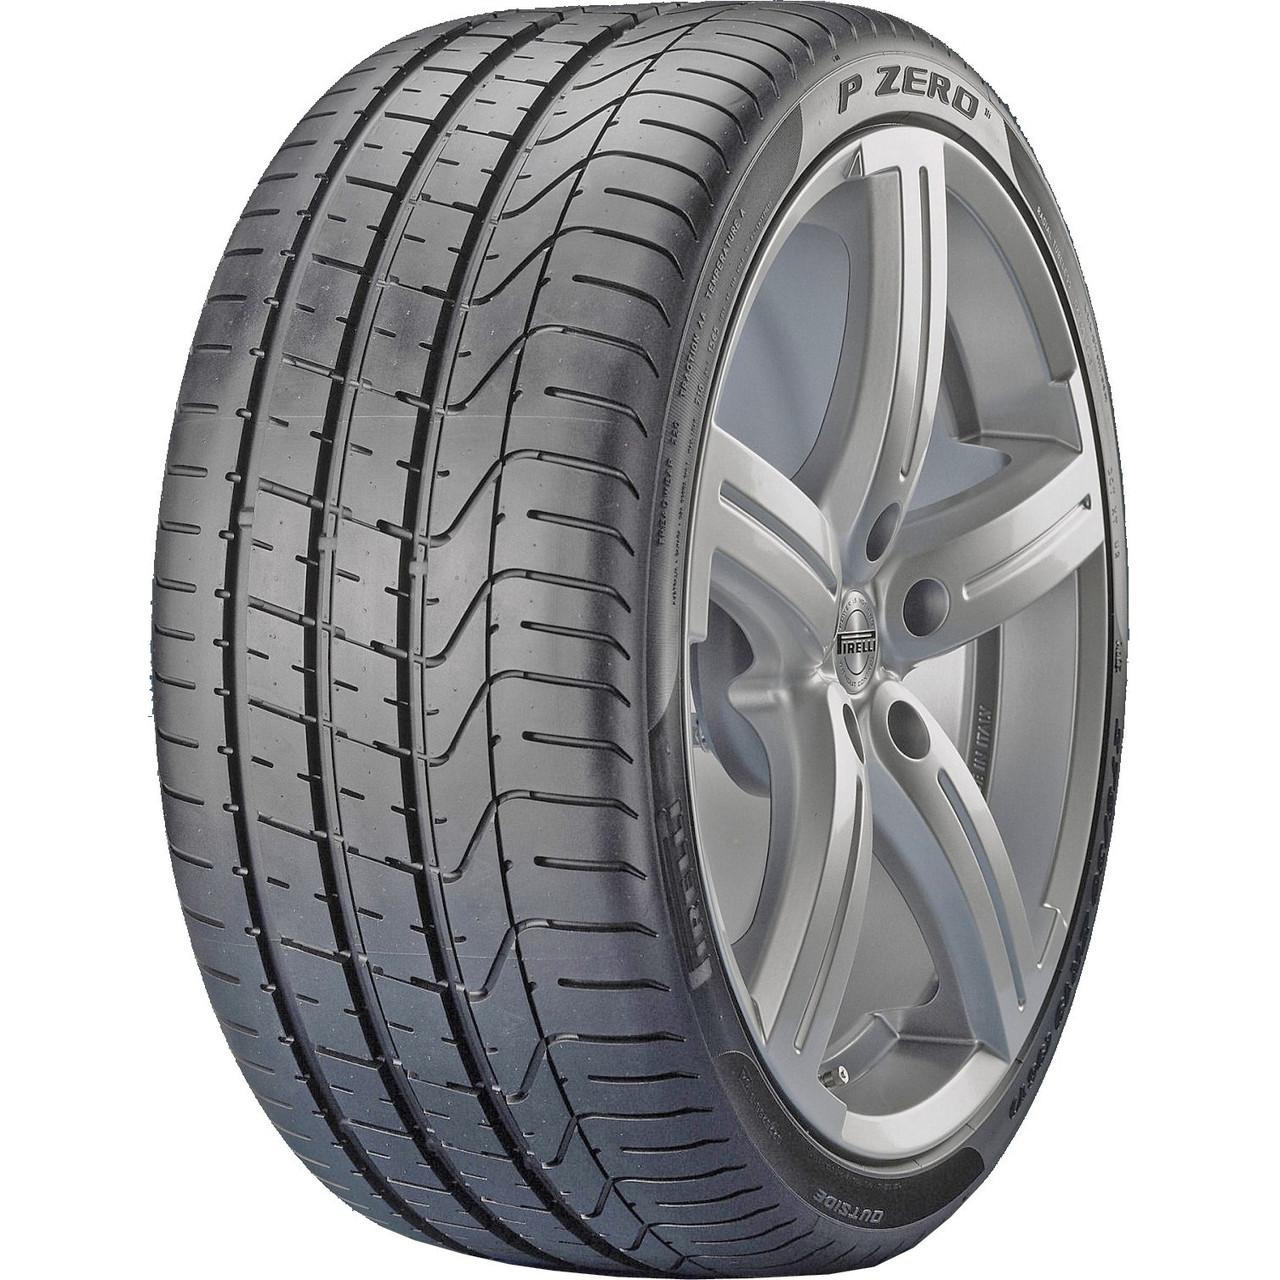 Pirelli PZero 255/40 R21 102Y XL